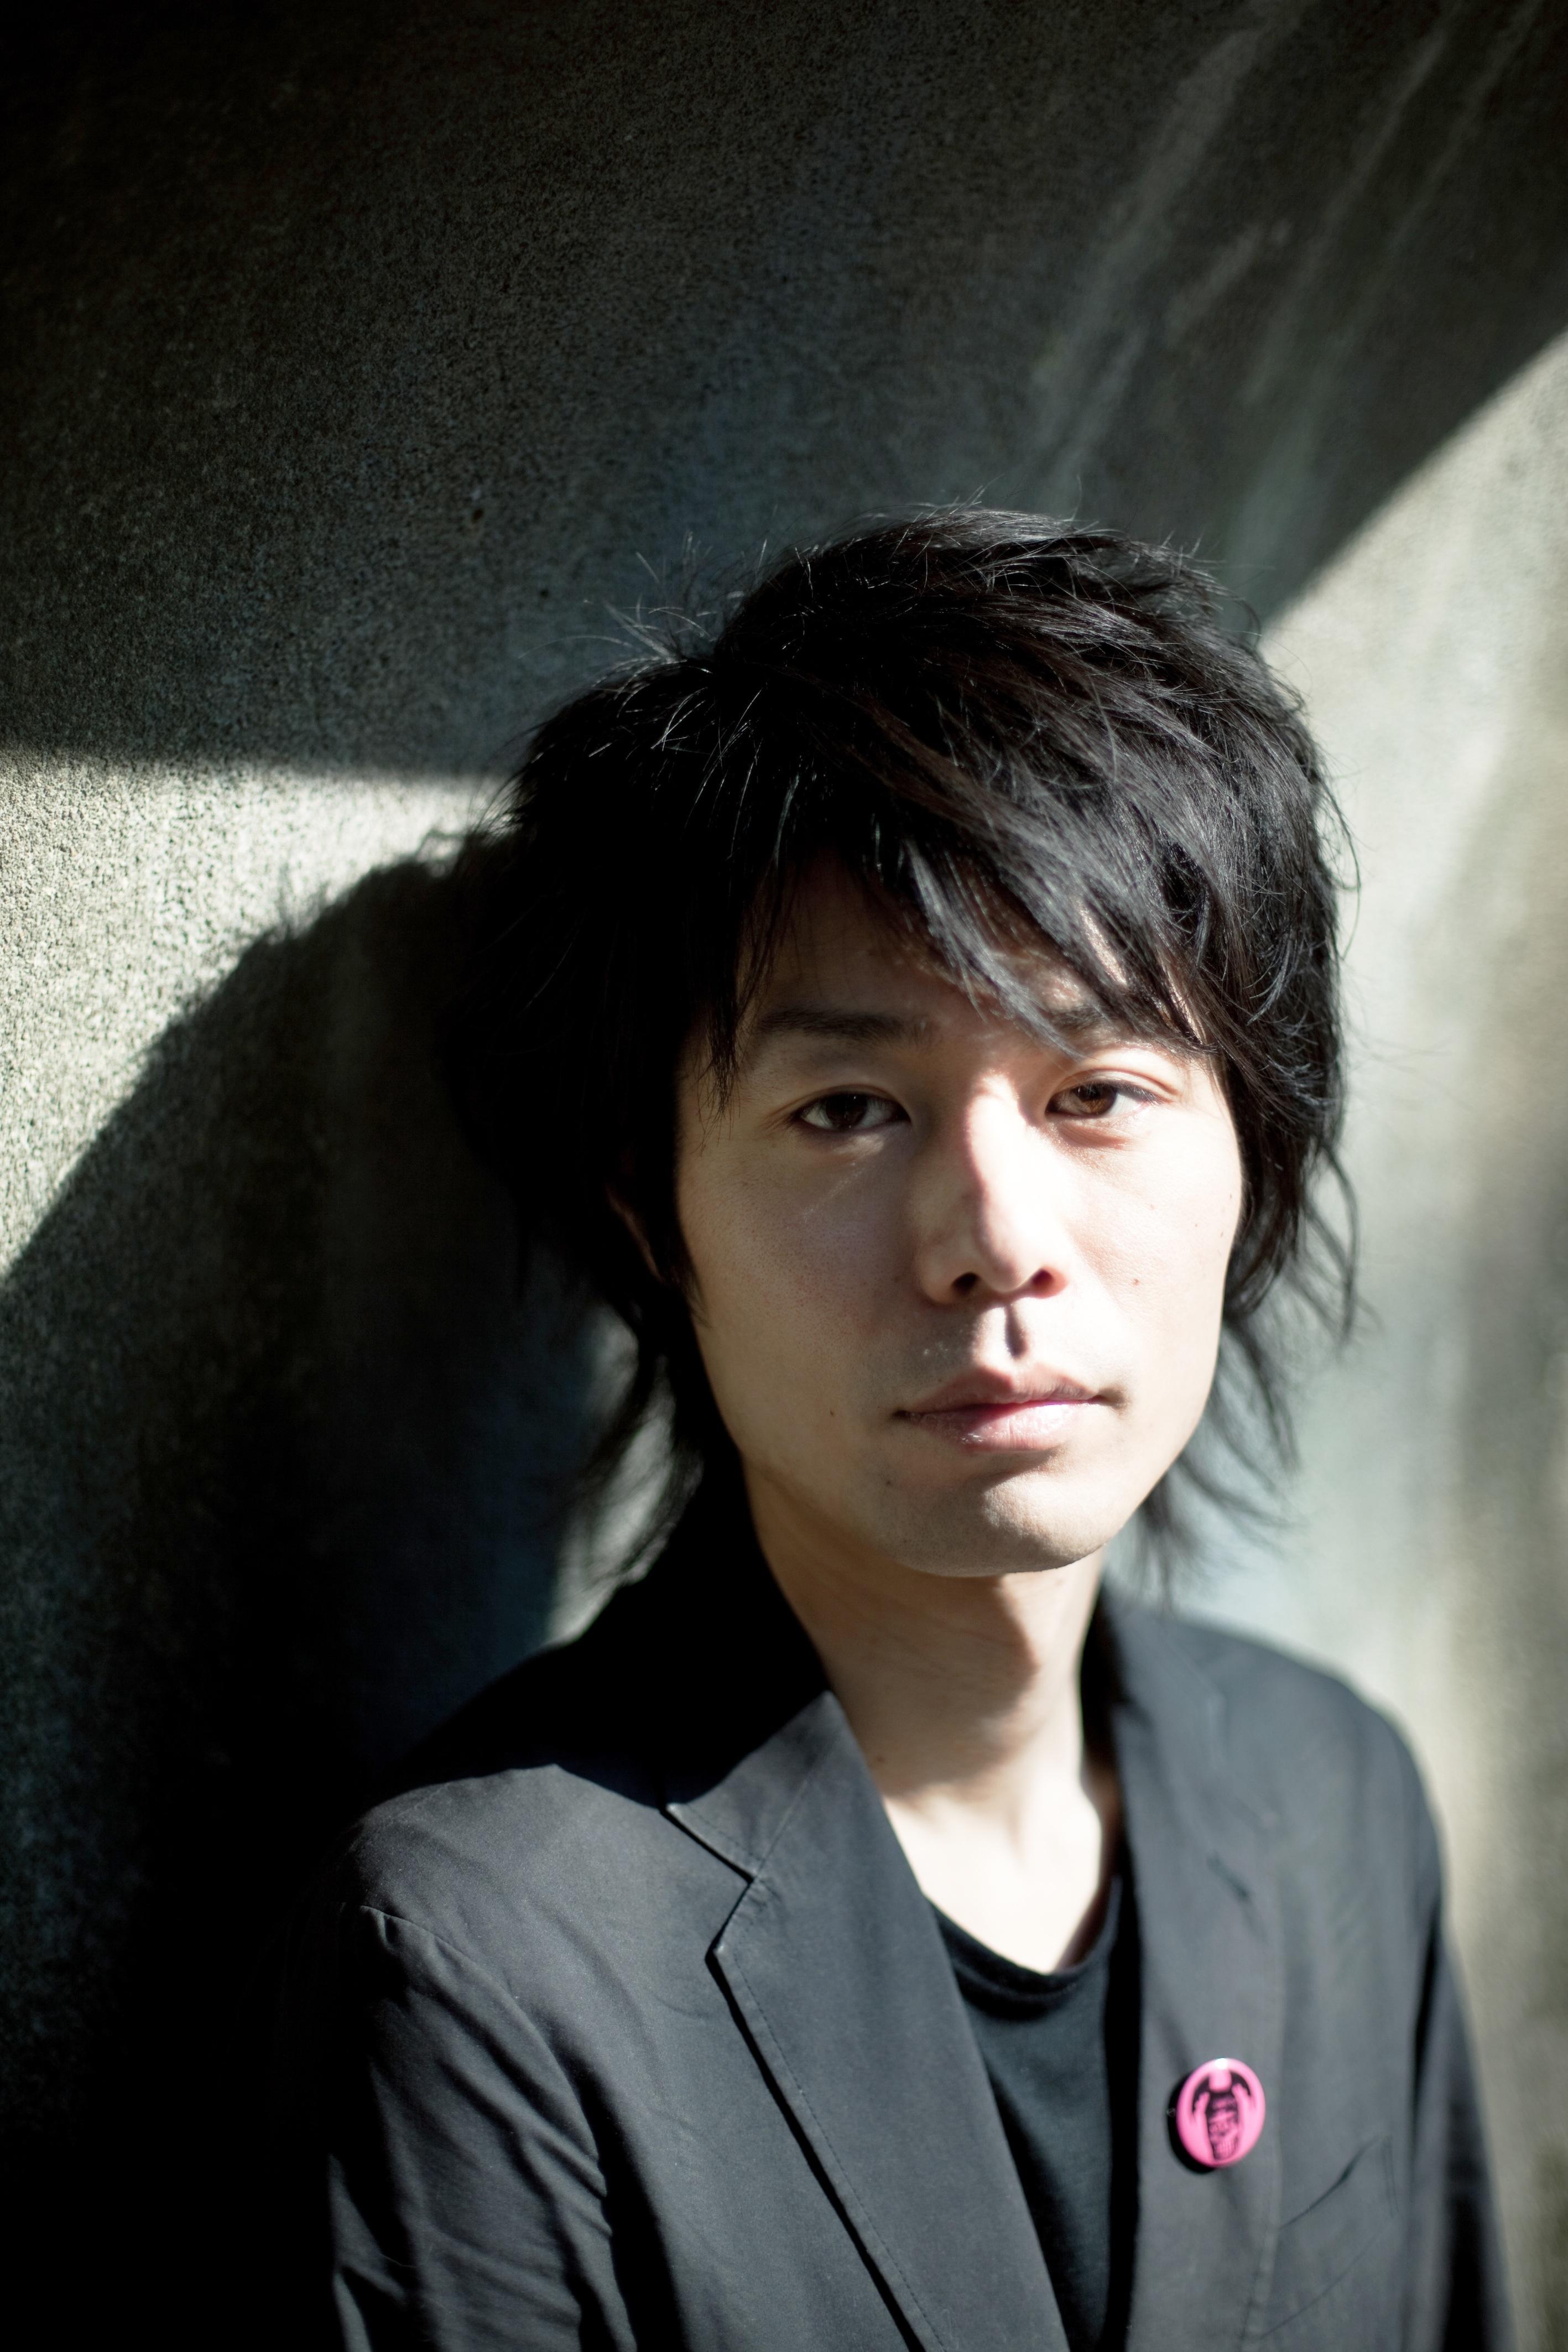 東京デスロックを主宰する劇作・演出家の多田淳之介。